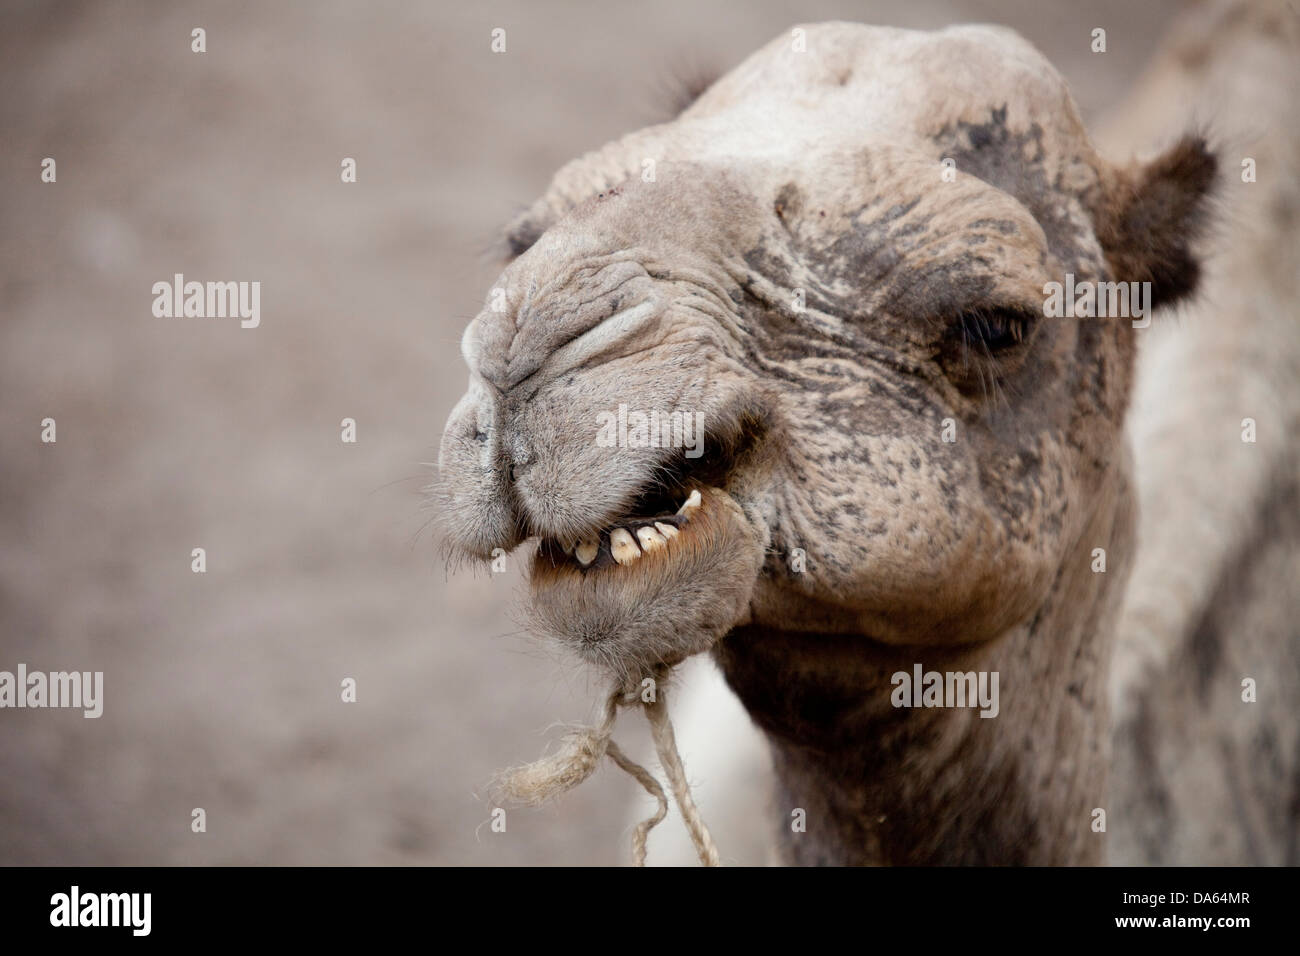 Camel, Gemeri, Africa, animals, animal, Ethiopia, - Stock Image